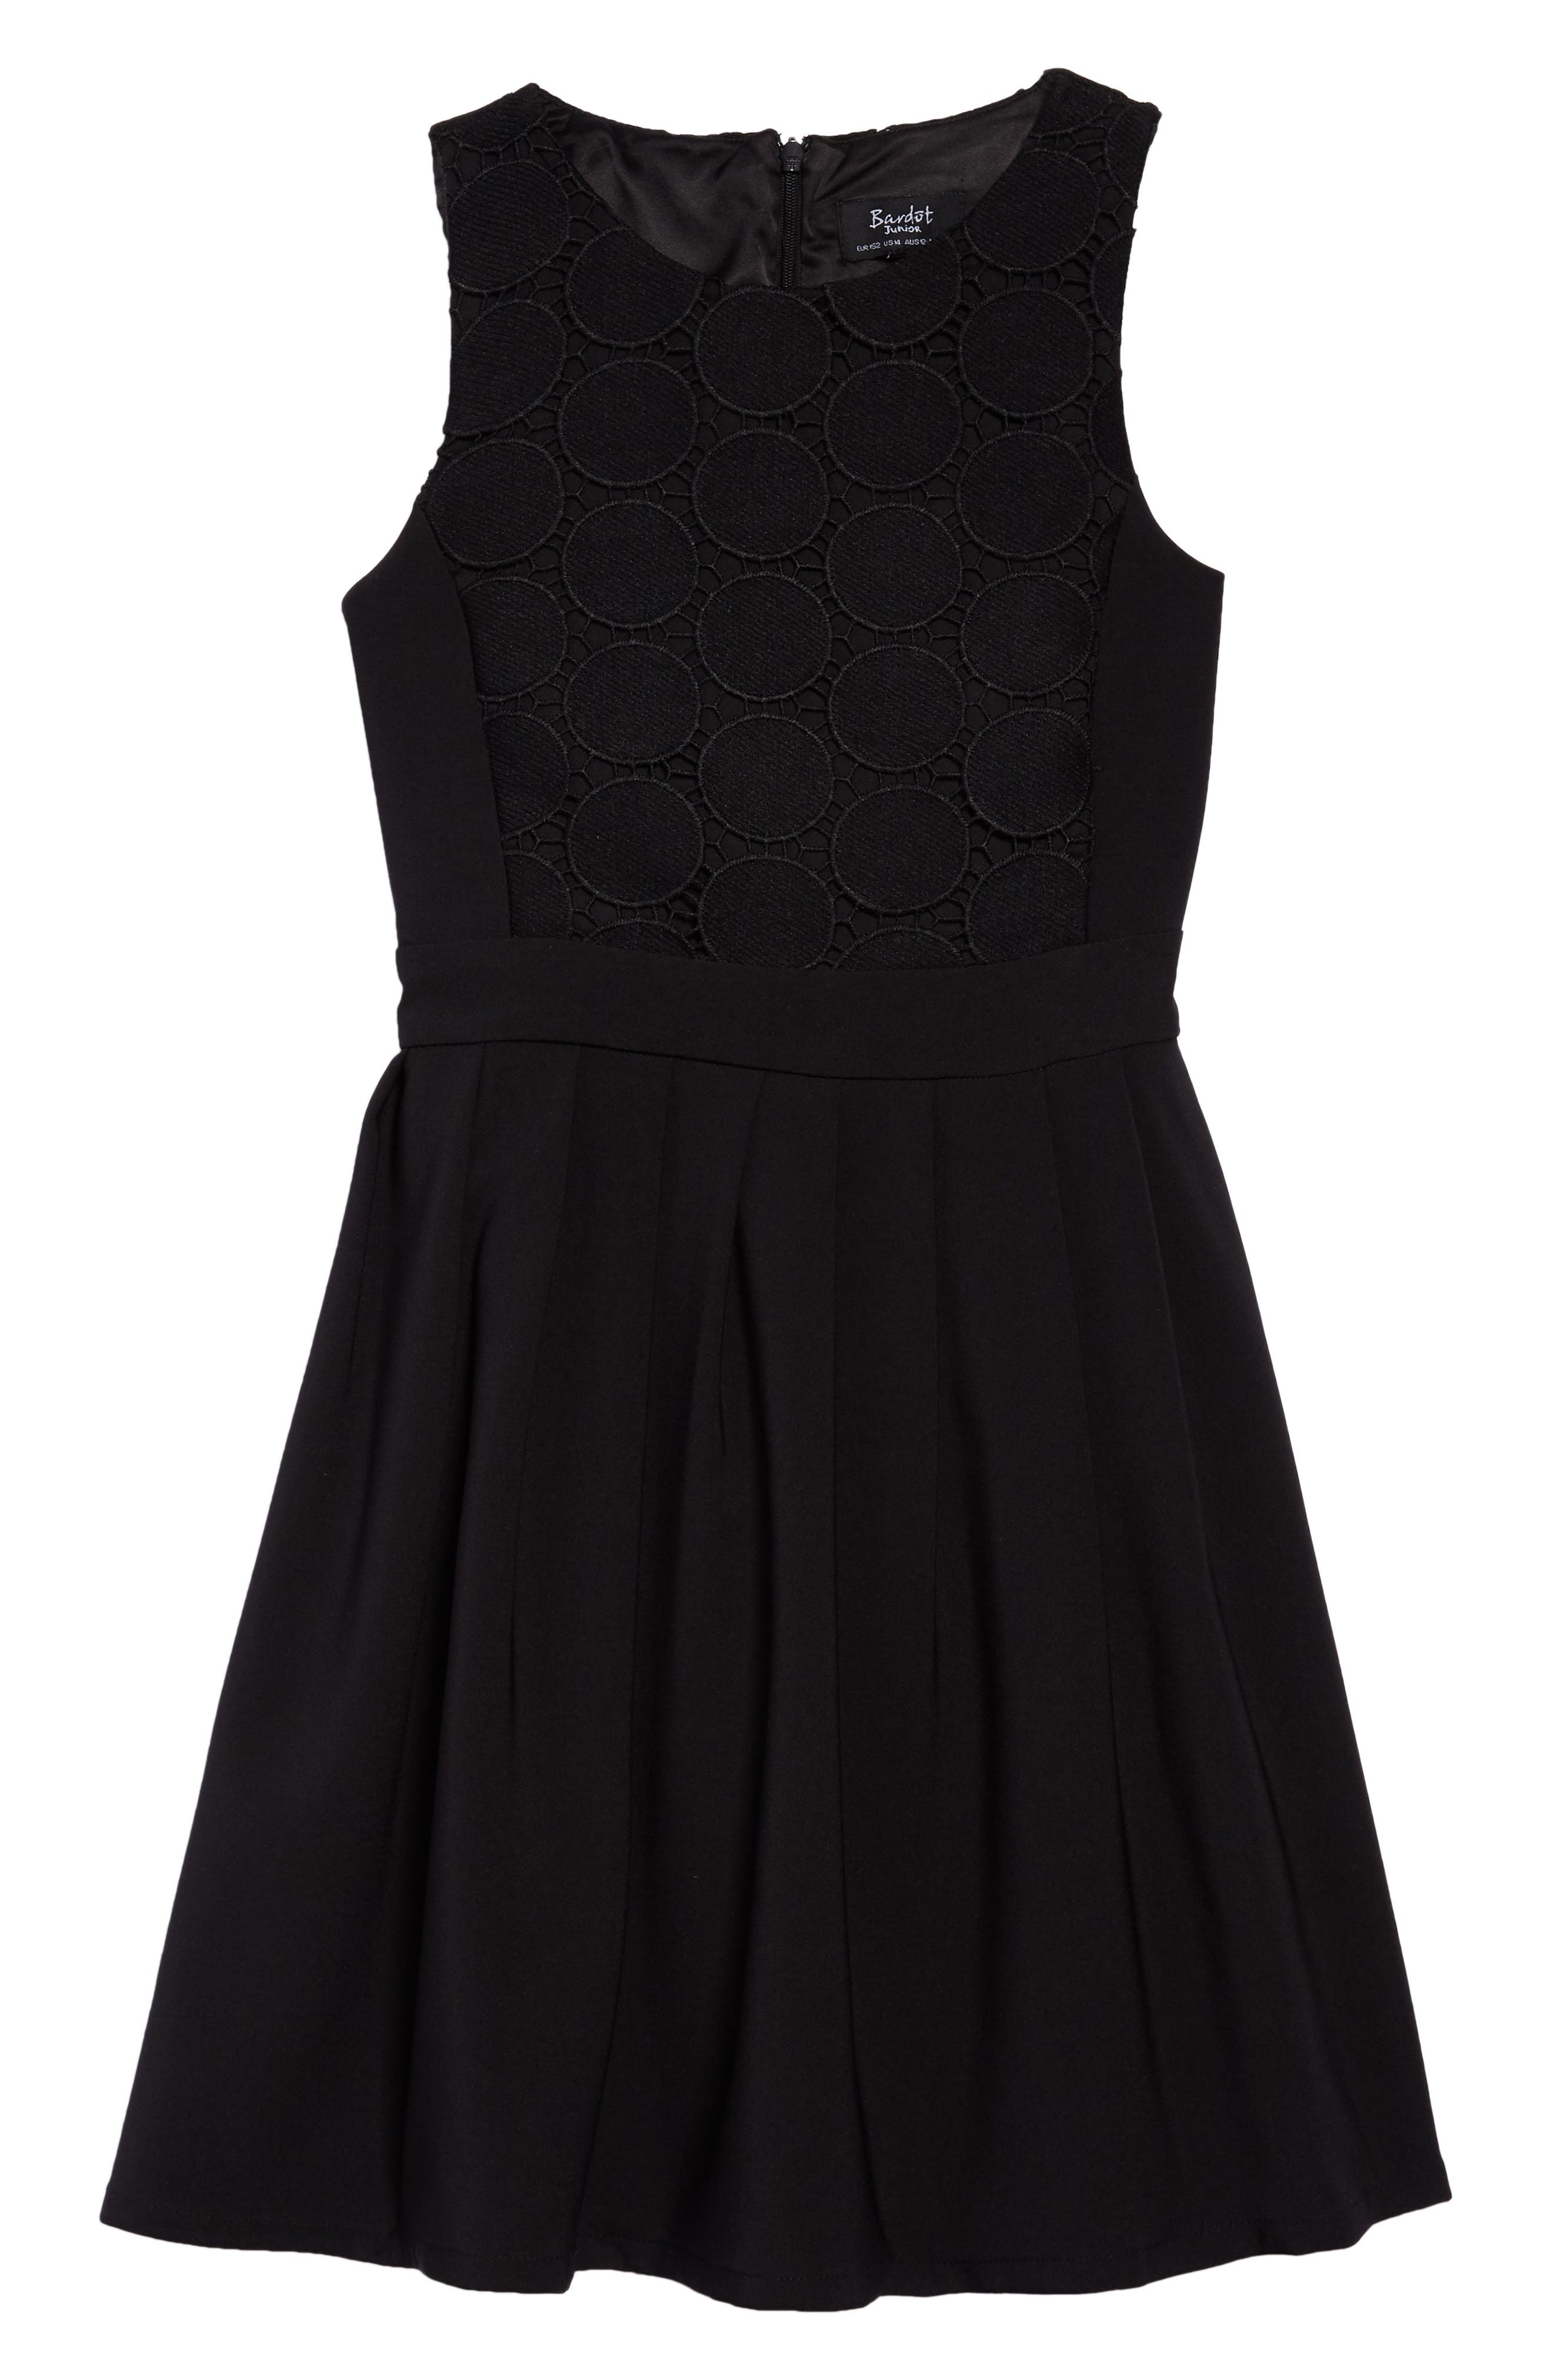 Miami Dress,                             Main thumbnail 1, color,                             Black